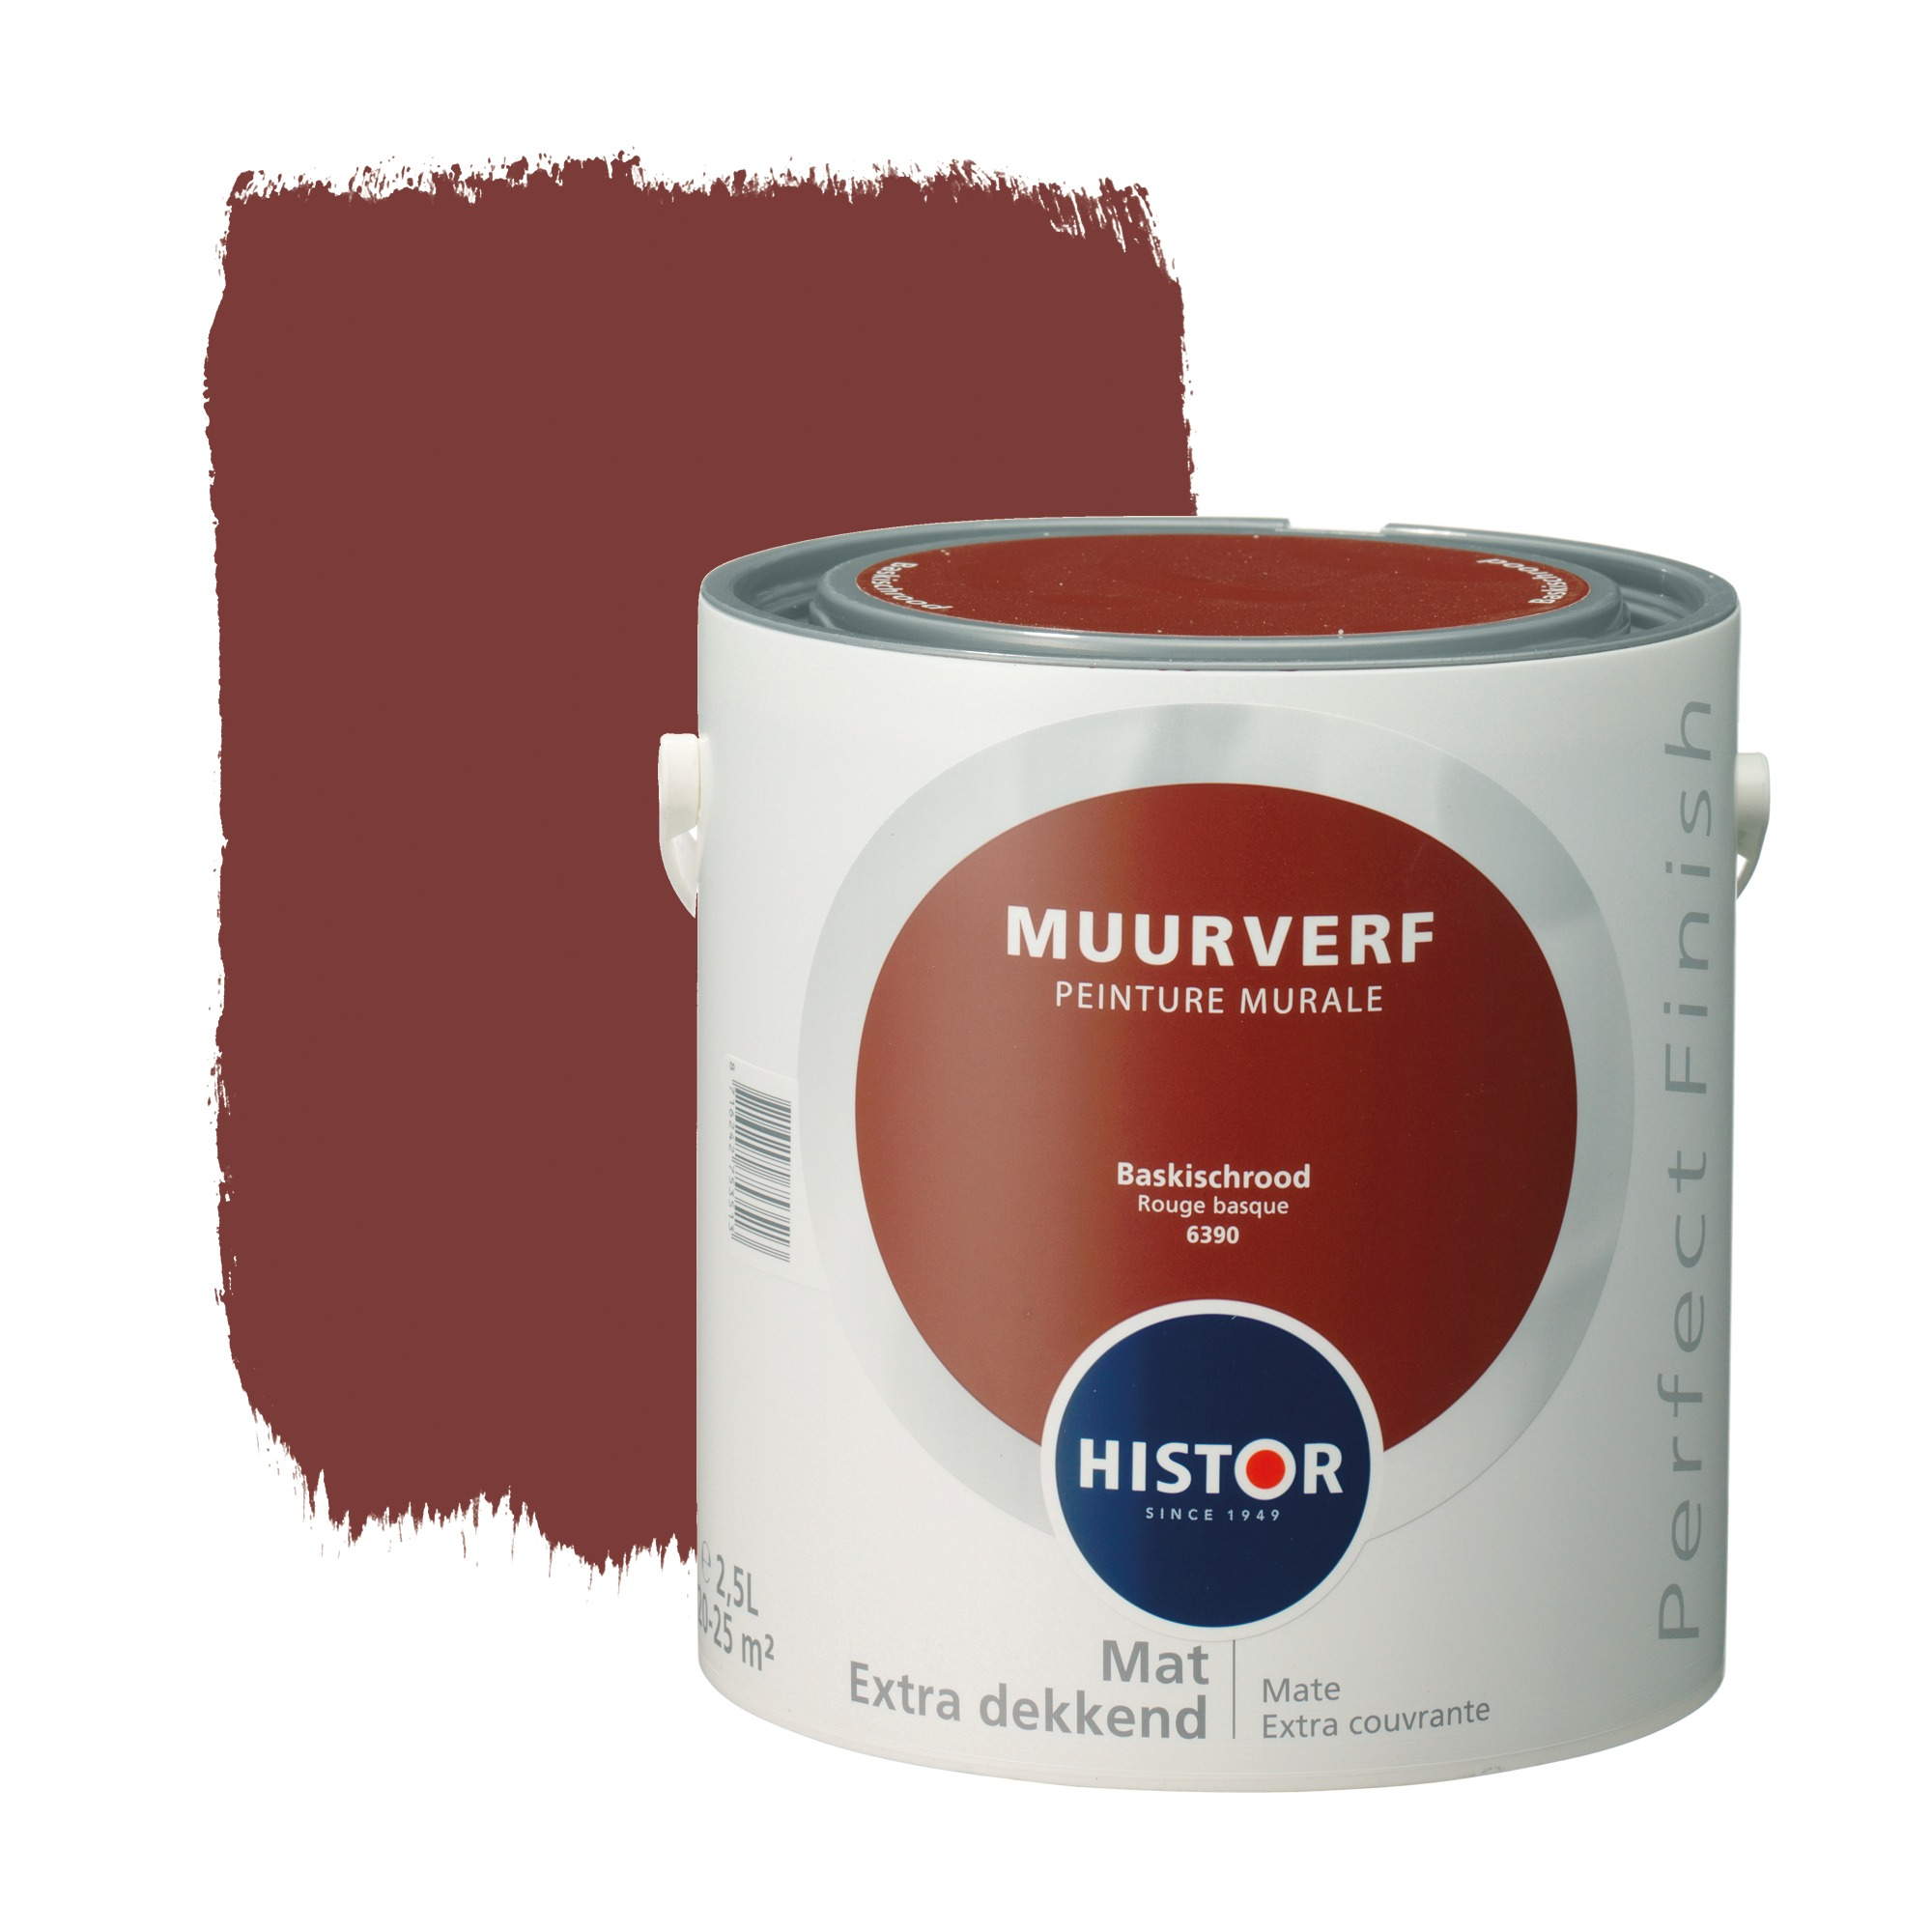 Histor muurverf mat 2.5 liter